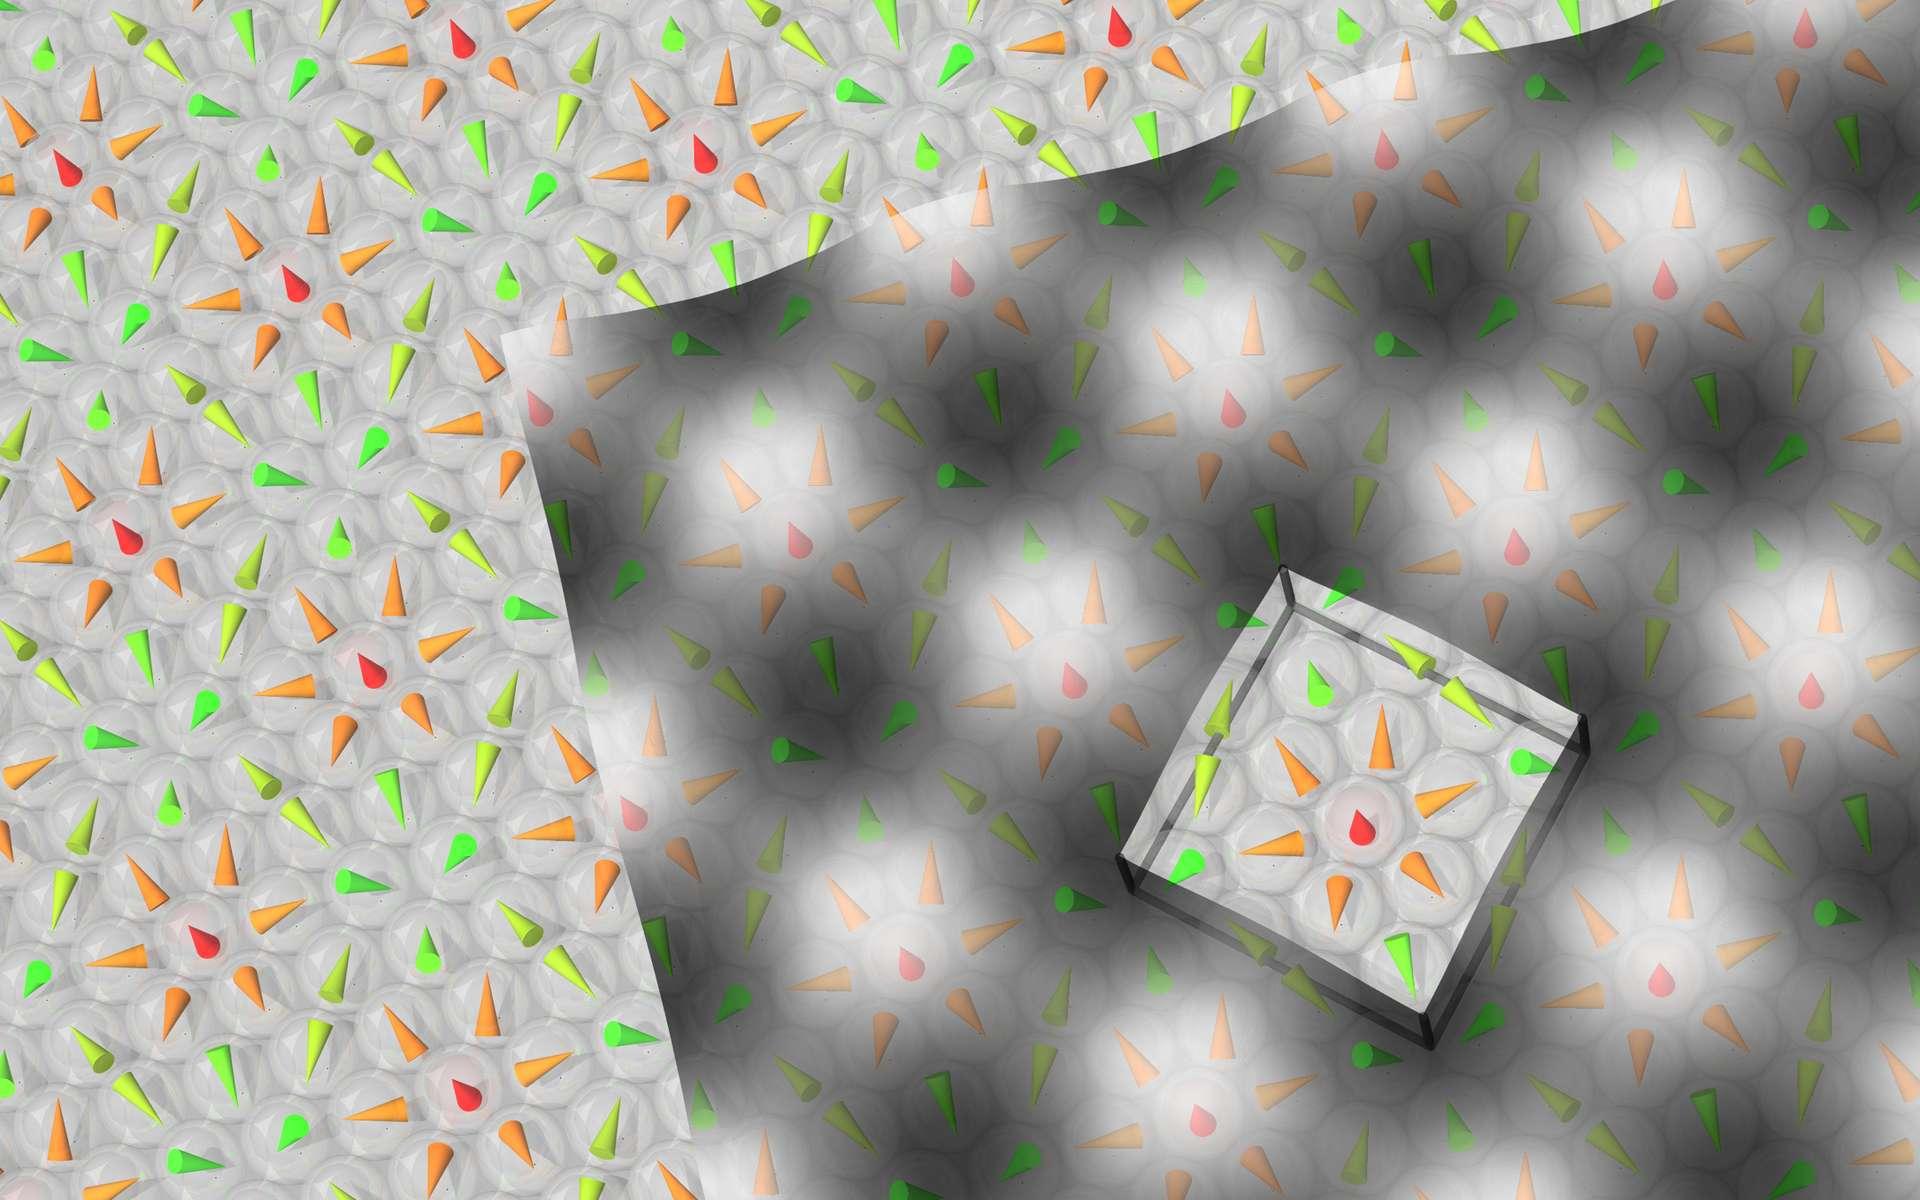 Un schéma de la cellule élémentaire carrée d'un cristal de Skyrme formée de quinze atomes de fer. Les cônes colorés indiquent l'orientation du moment magnétique propre de l'atome. Chaque carré contient un skyrmion. © Université de Hambourg